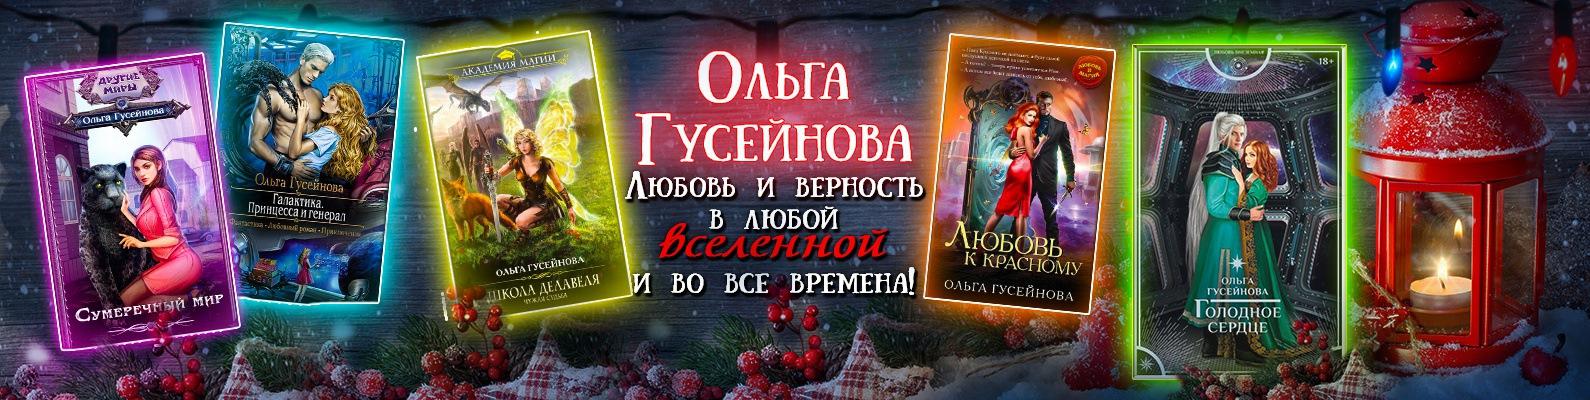 Ольга гусейнова читать онлайн